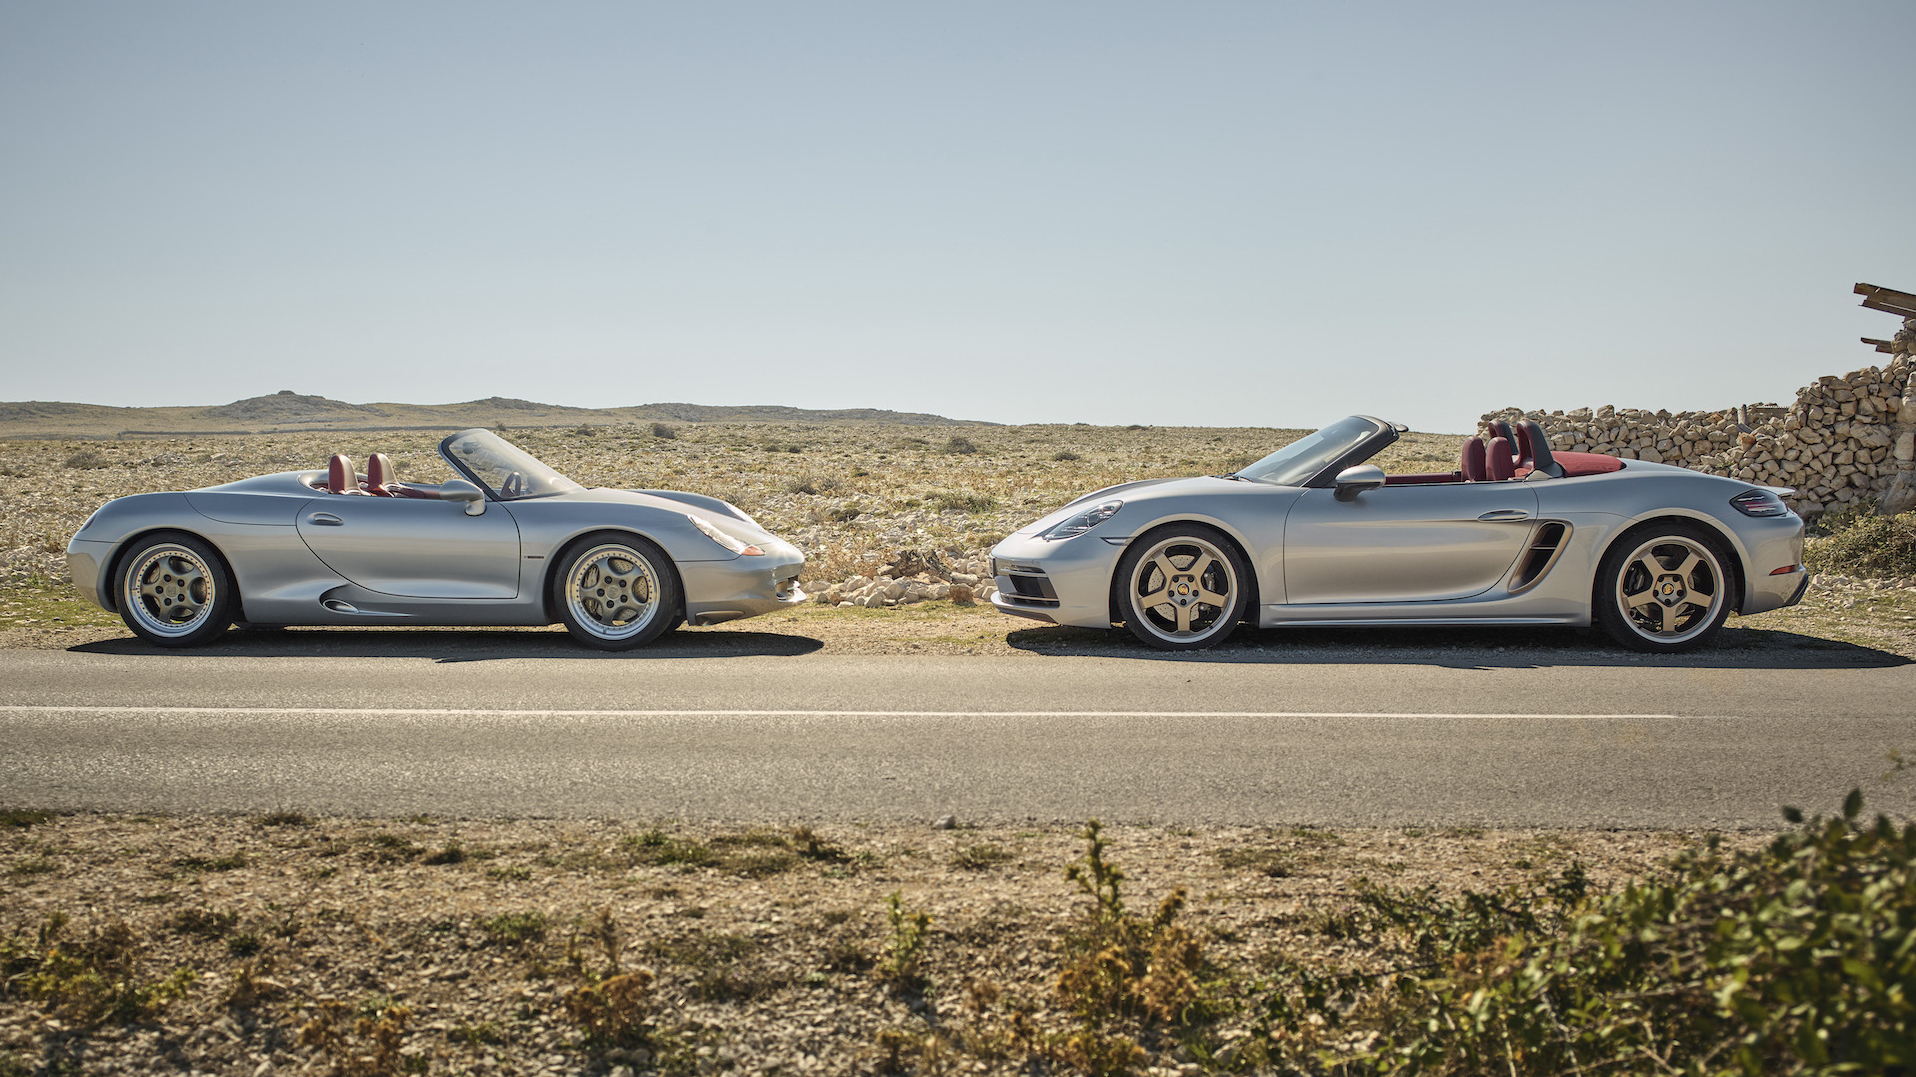 499 萬坐擁經典,Porsche Boxster 25 週年紀念款限量發售